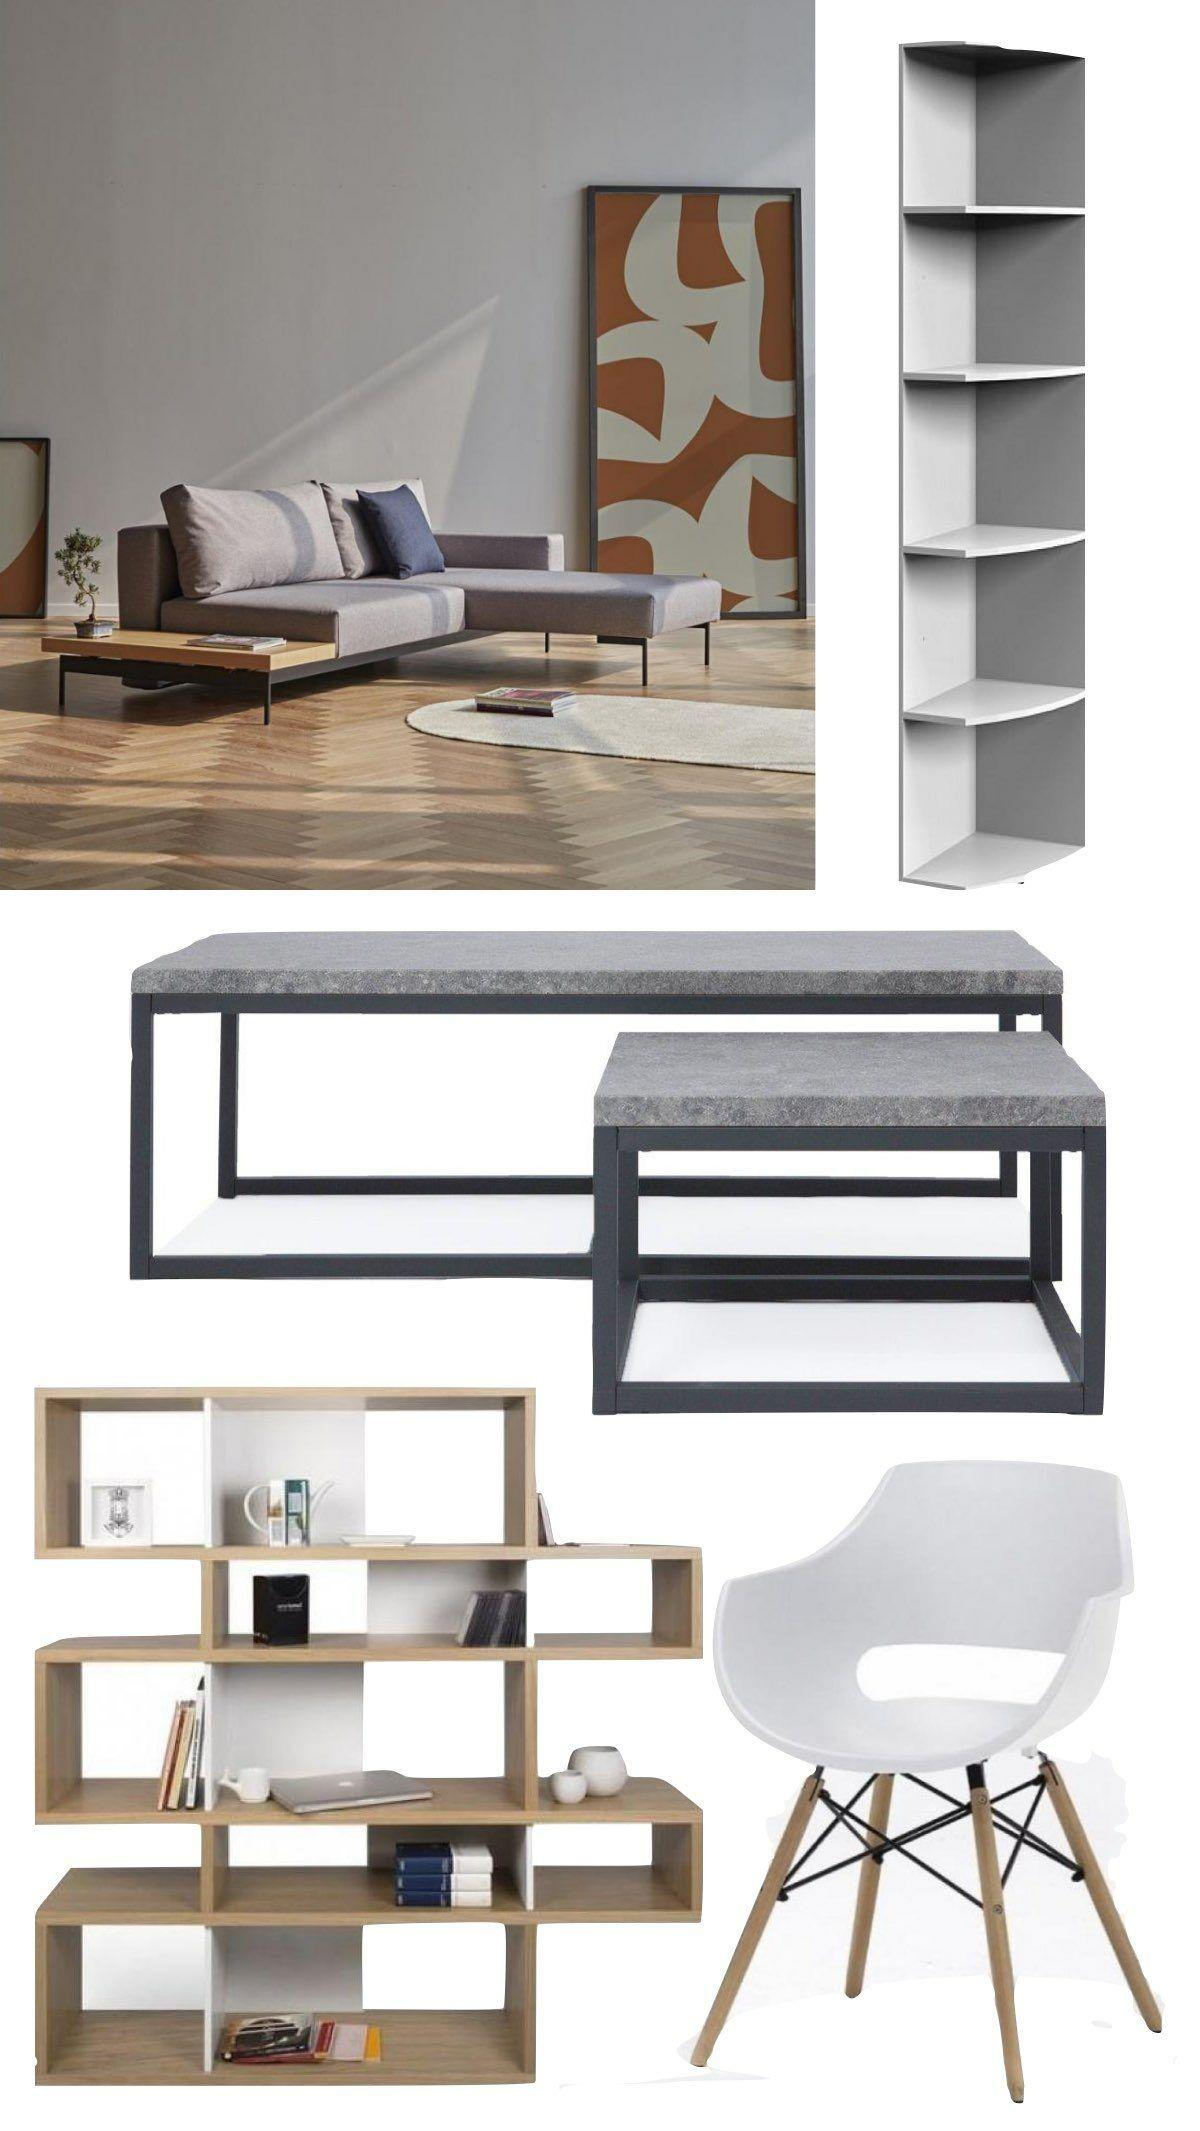 Soldes 2020 Canape Convertible Blog Deco Clem Around The Corner En 2020 Decoration D Une Petite Piece Meuble Salon Pas Cher Canape Lit Design